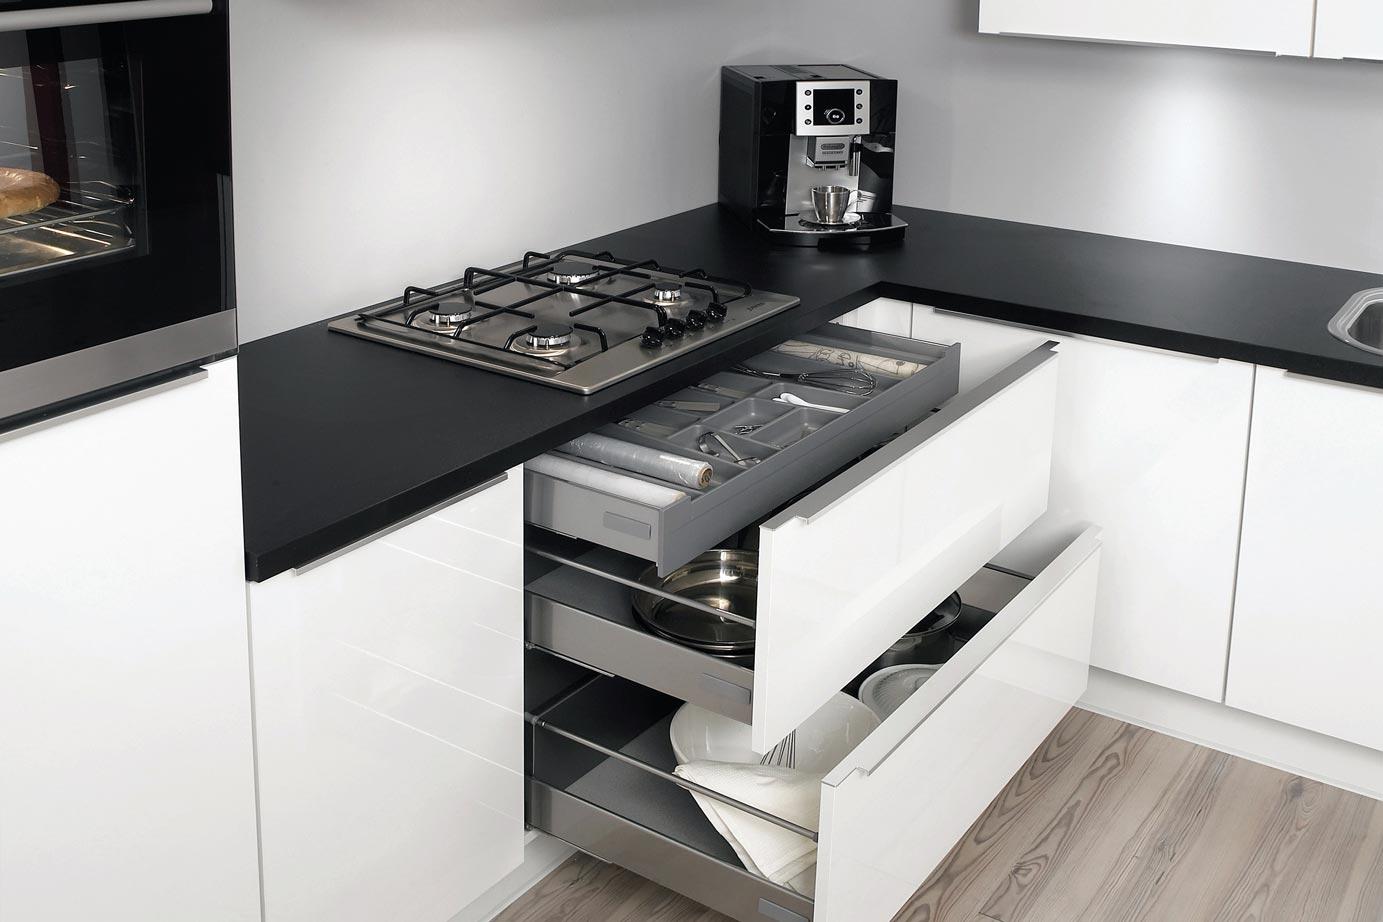 Hoogglans Witte Keuken Met Betonblad : Keukenstijlen. keukens passend bij elke woningstijl. keur